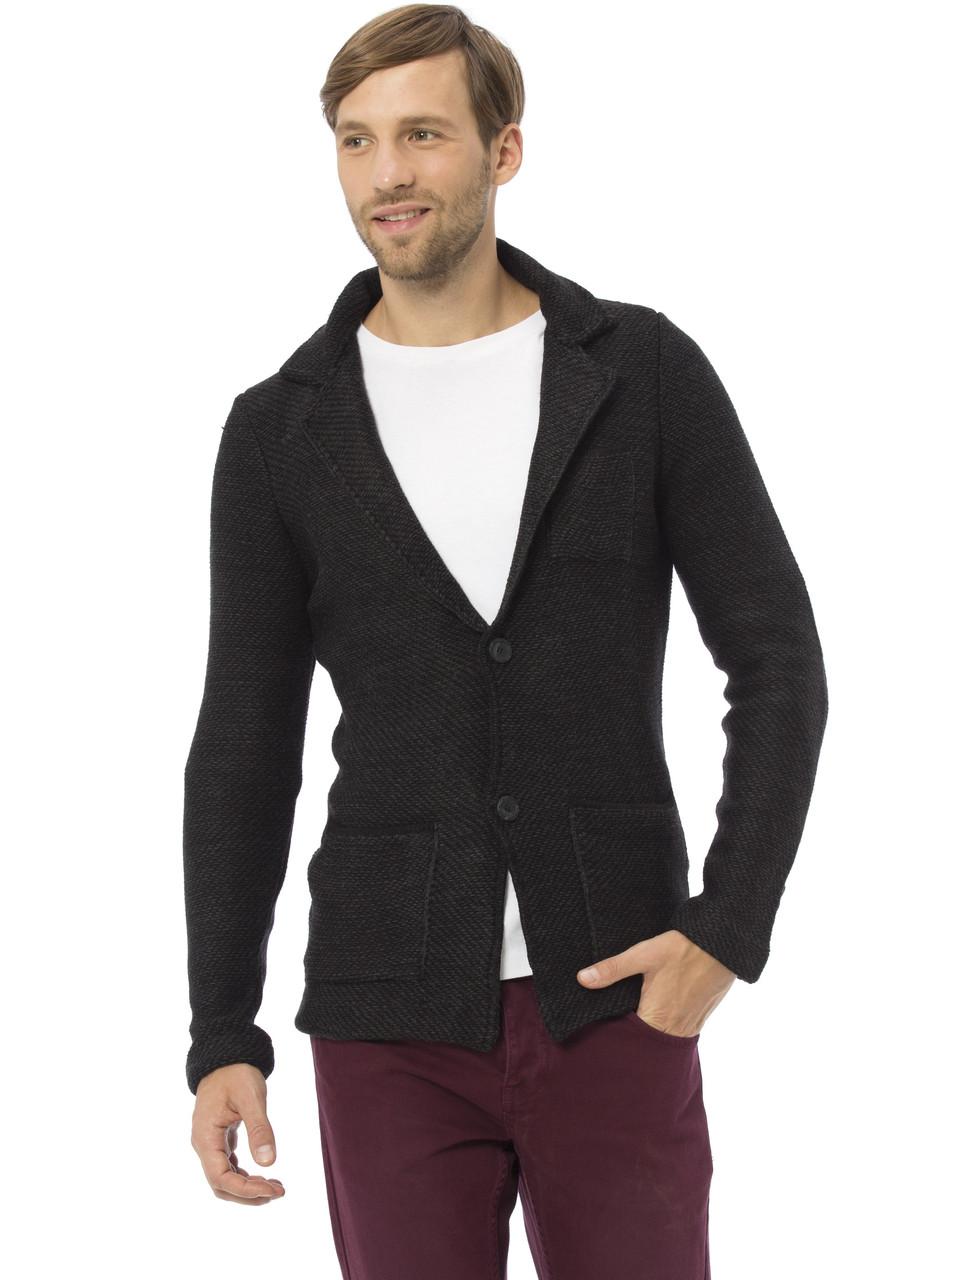 Черный мужской пиджак LC Waikiki / ЛС Вайкики с латками и карманами